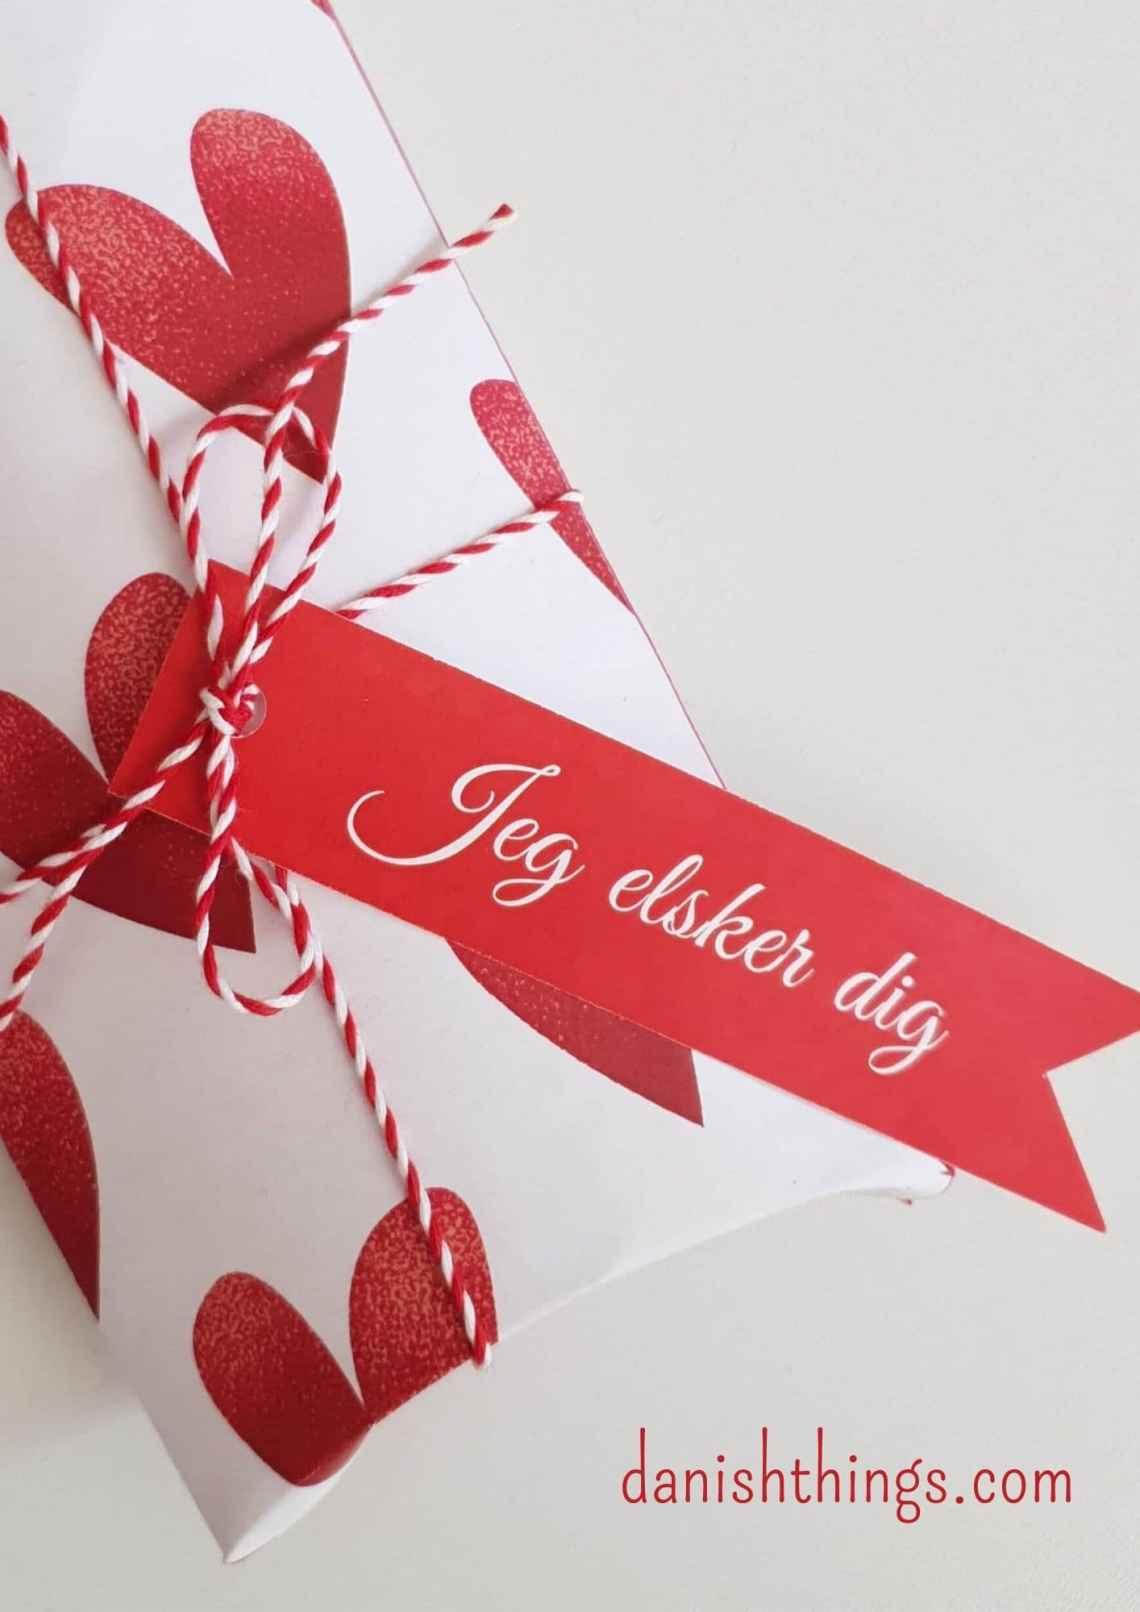 Dekoration til gaver og kager. Gavemærker til de store følelser - Valentine og kærlighed, fødselsdag og fejring - find også gaveæsker og til-fra kort, der matcher – find gratis print, opskrifter og inspiration til årets gang på danishthings.com #Valentine #Kærlighed #gaver #gavemærker